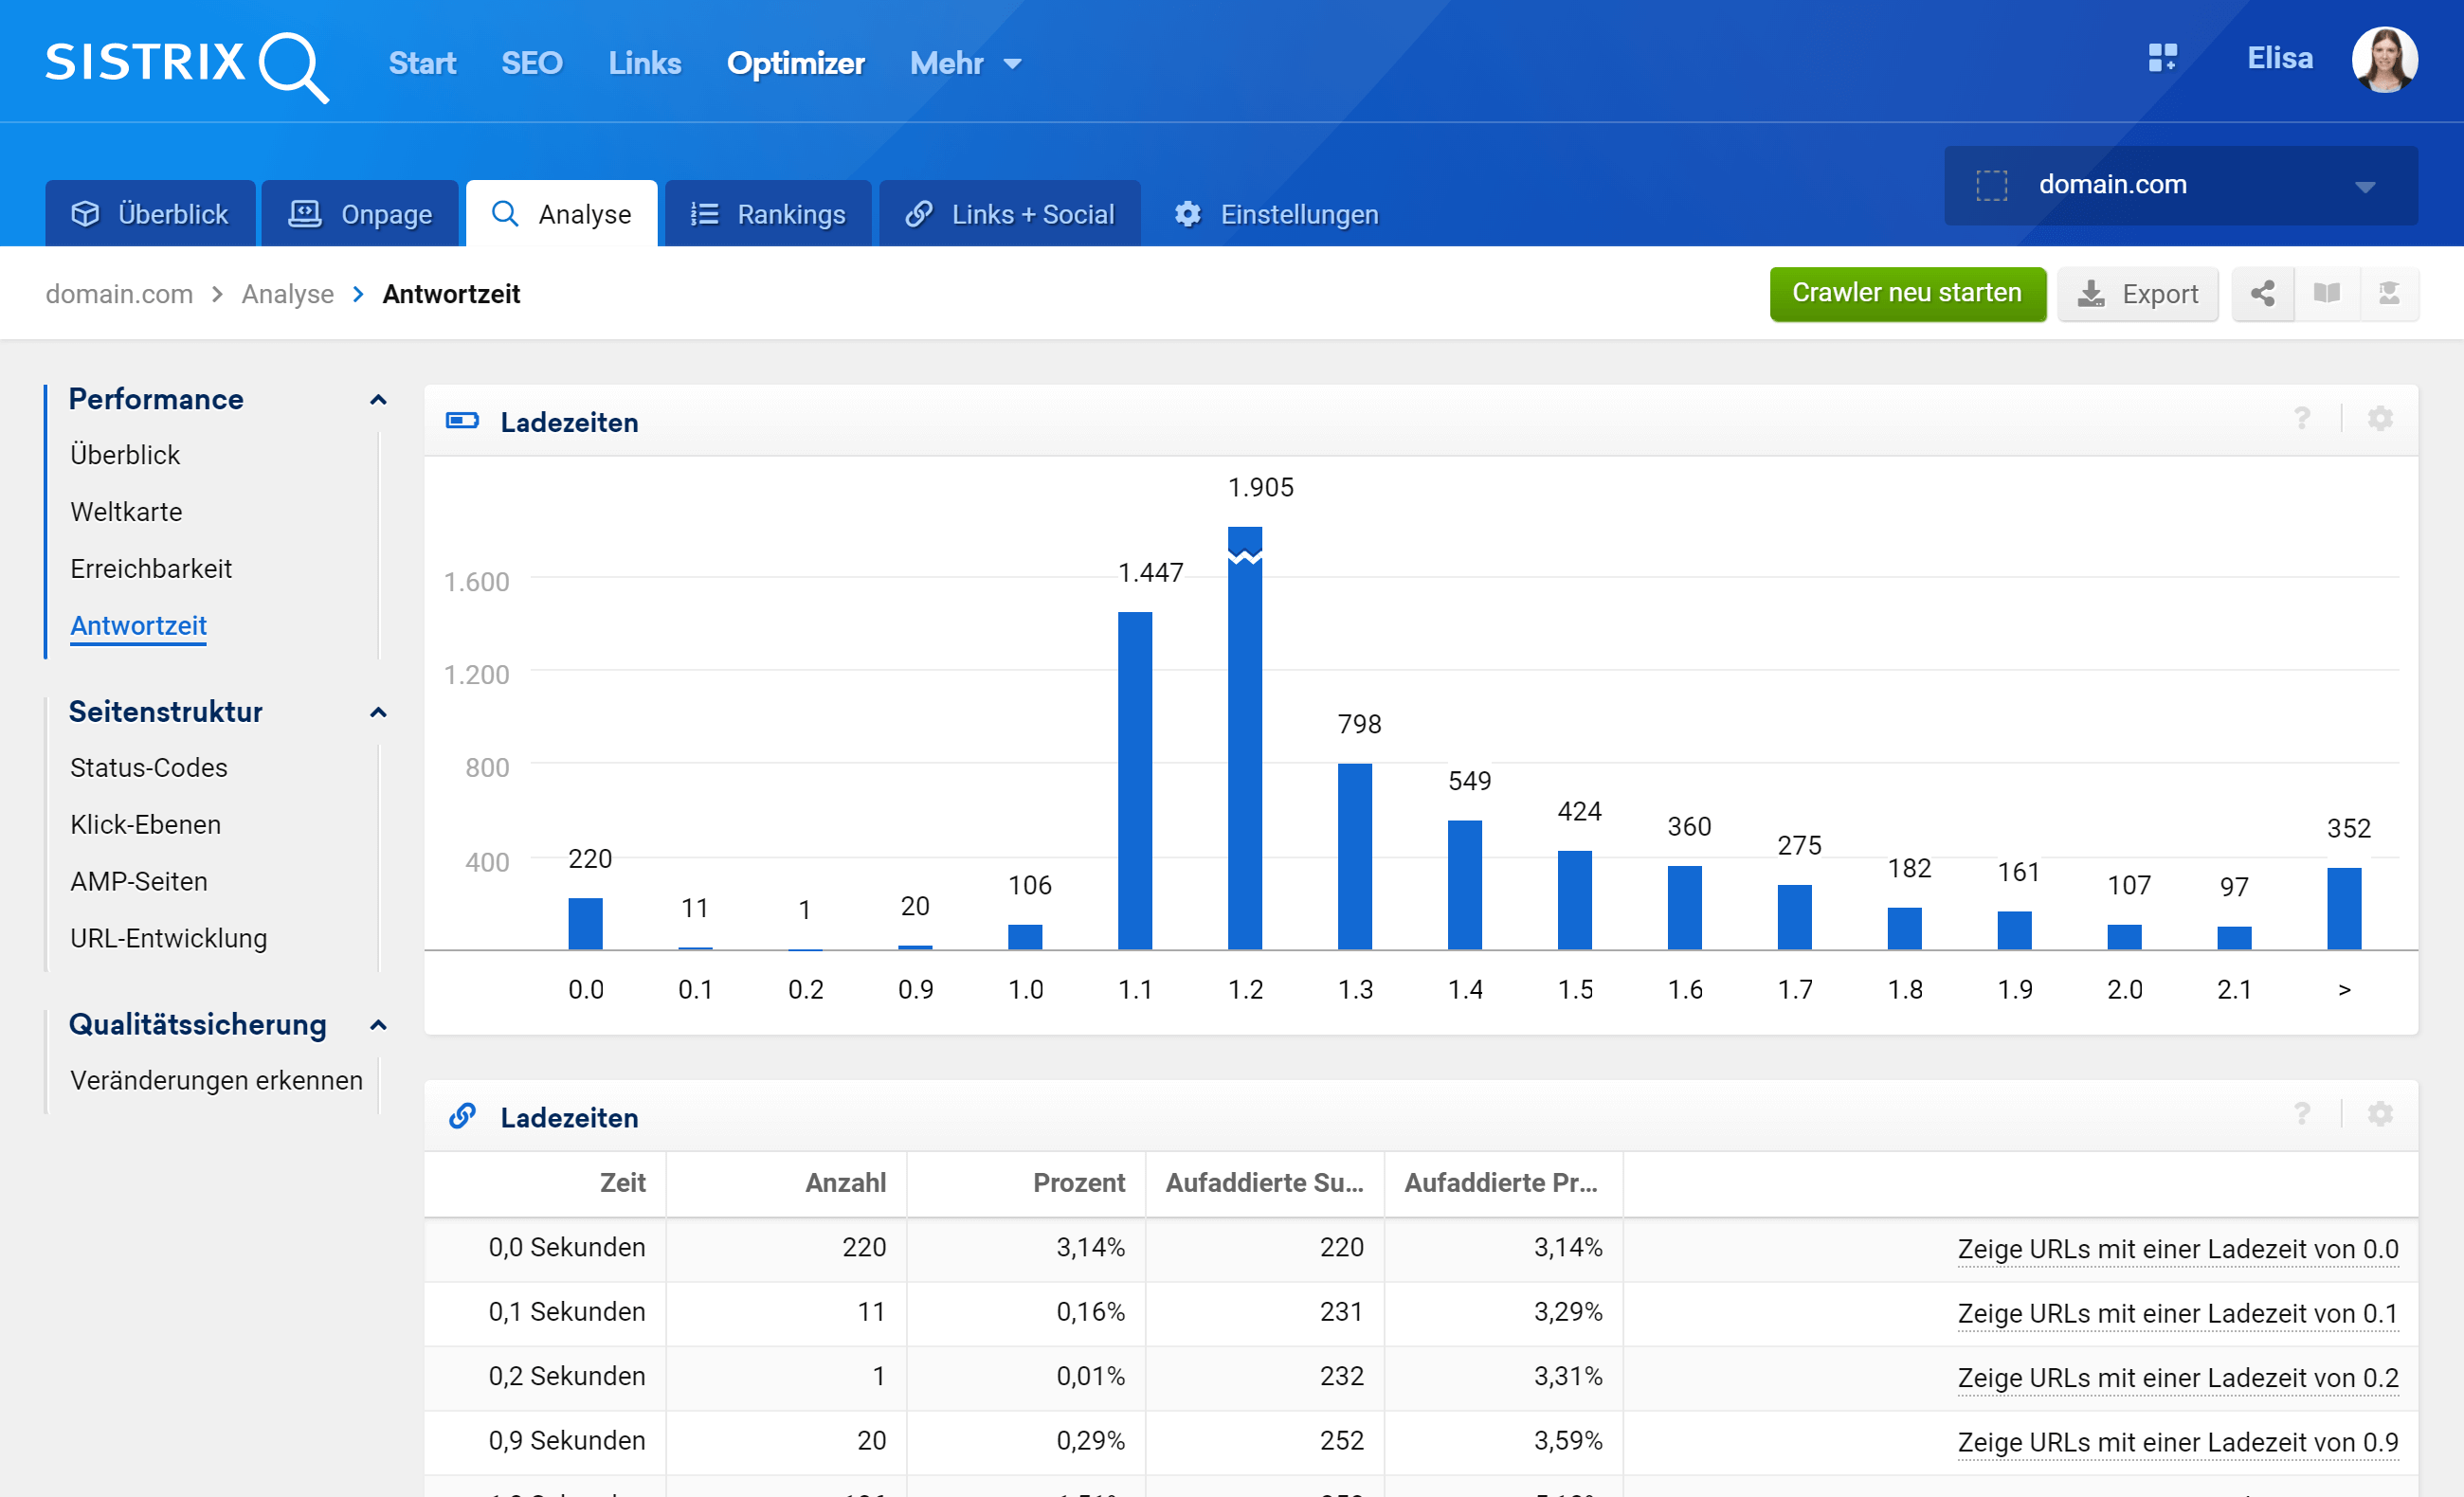 Die Funktion Antwortzeit im SISTRIX Optimizer